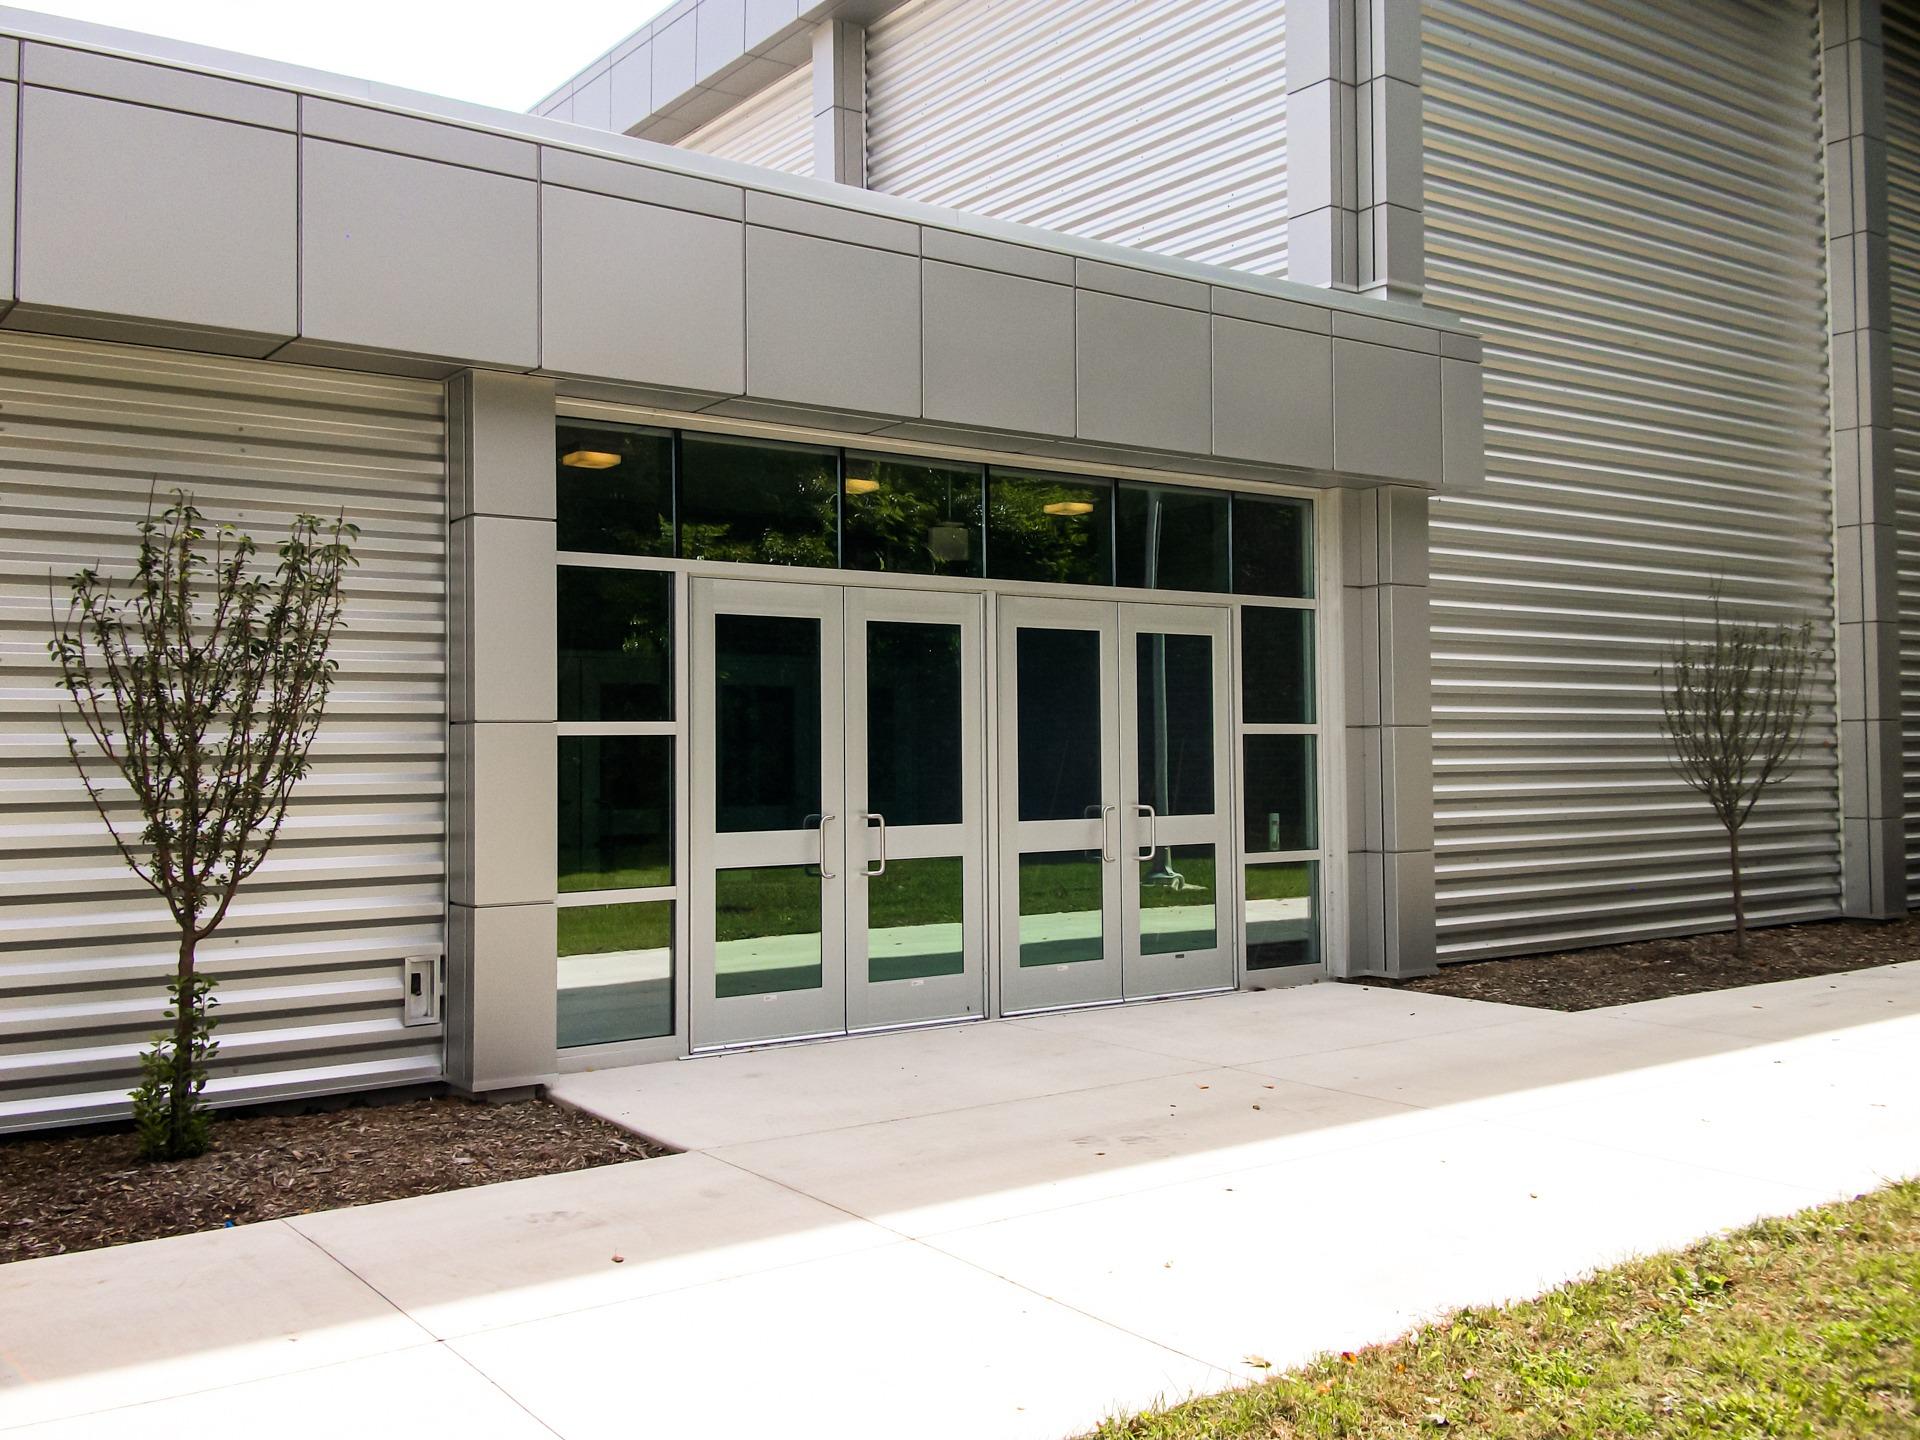 CW-2500 Cross Aluminum Curtain Wall System